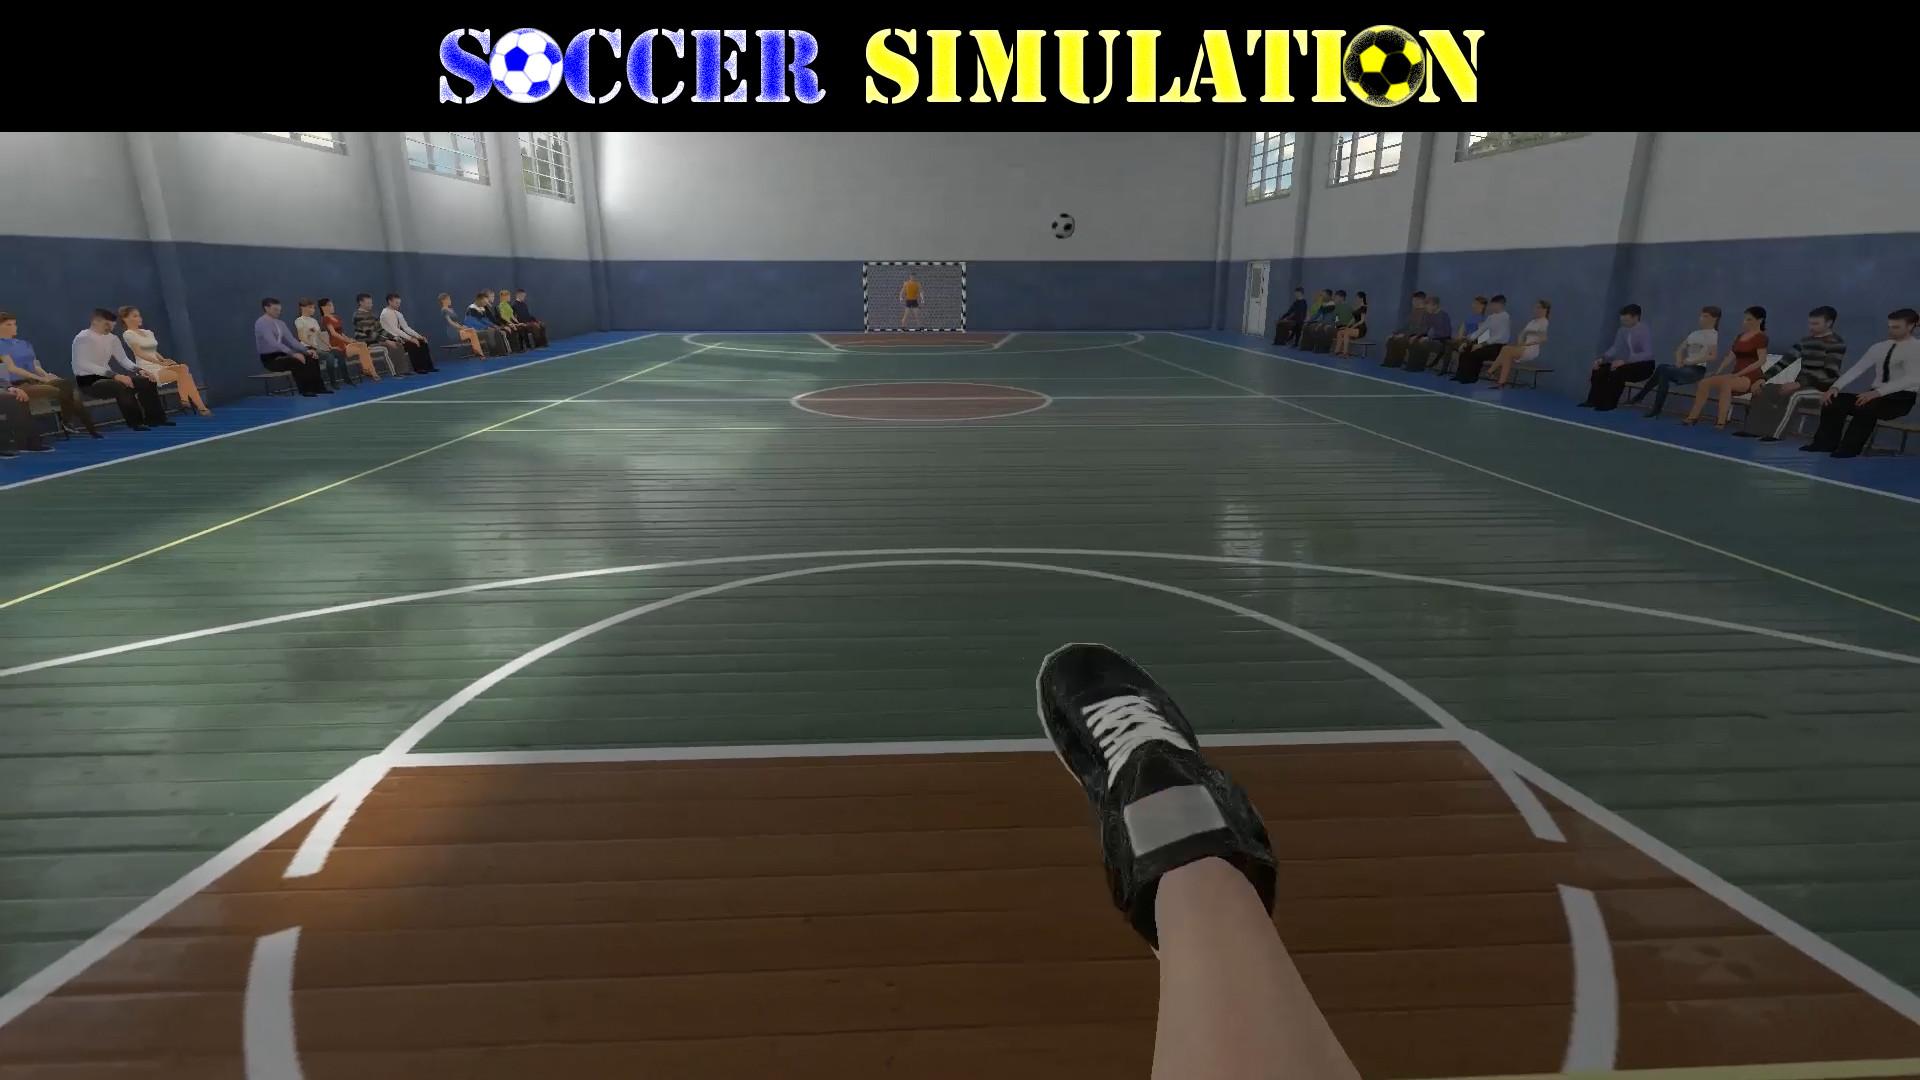 fudbal-soccer-simulation-stefan-ss1